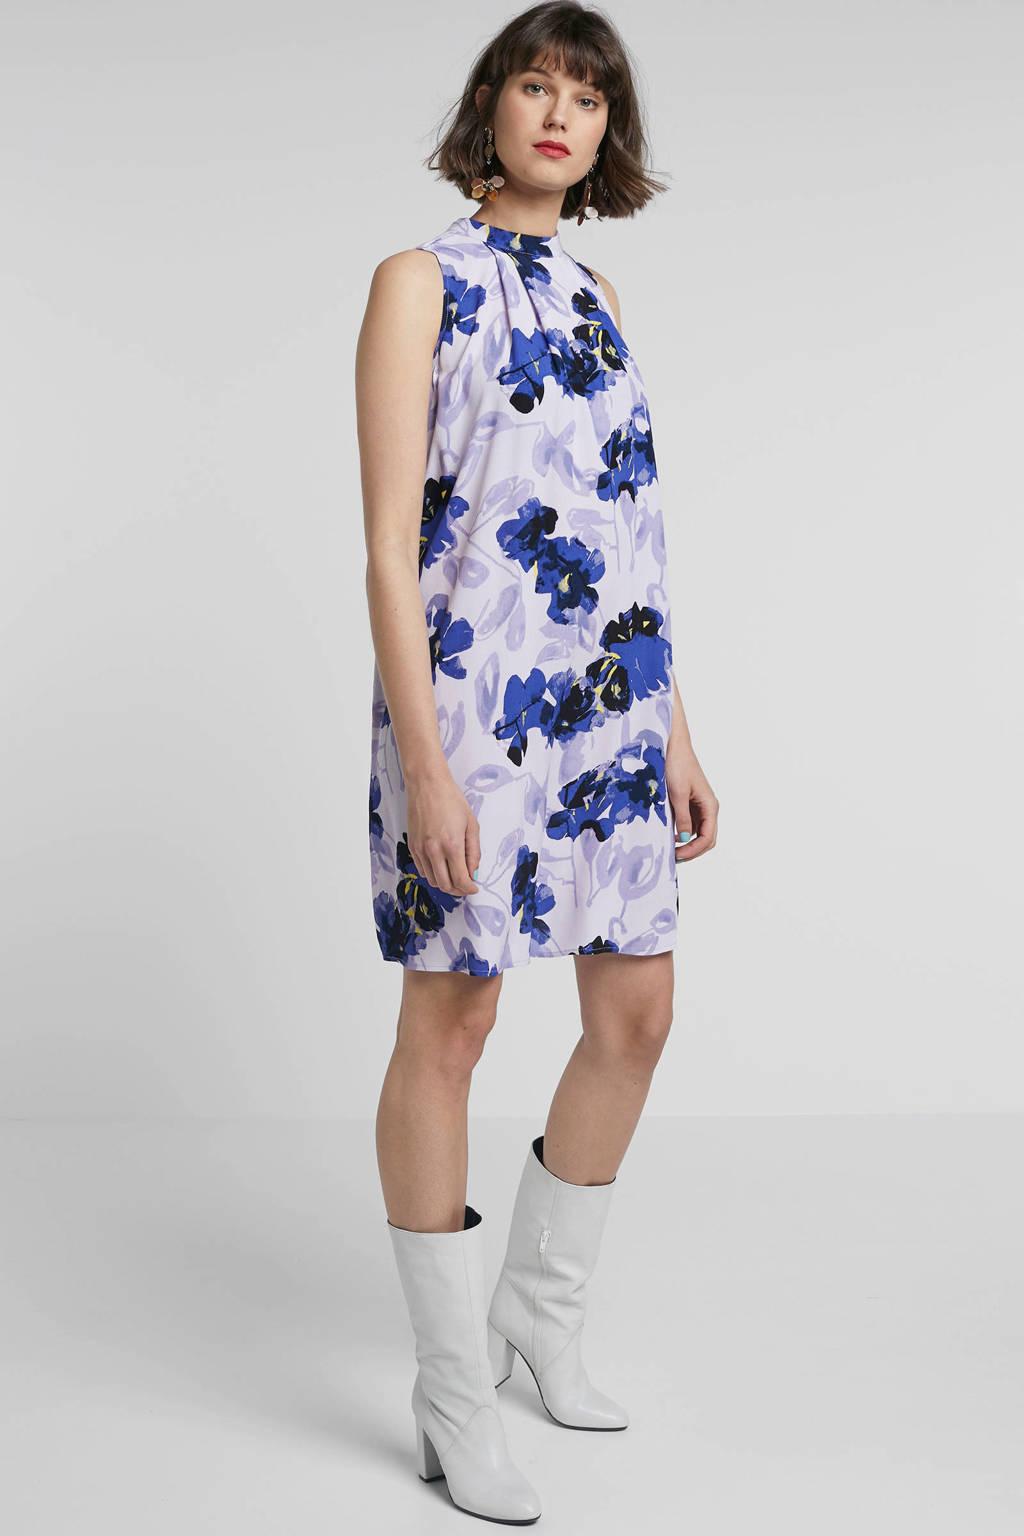 Y.A.S gebloemde jurk lila, Lila/blauw